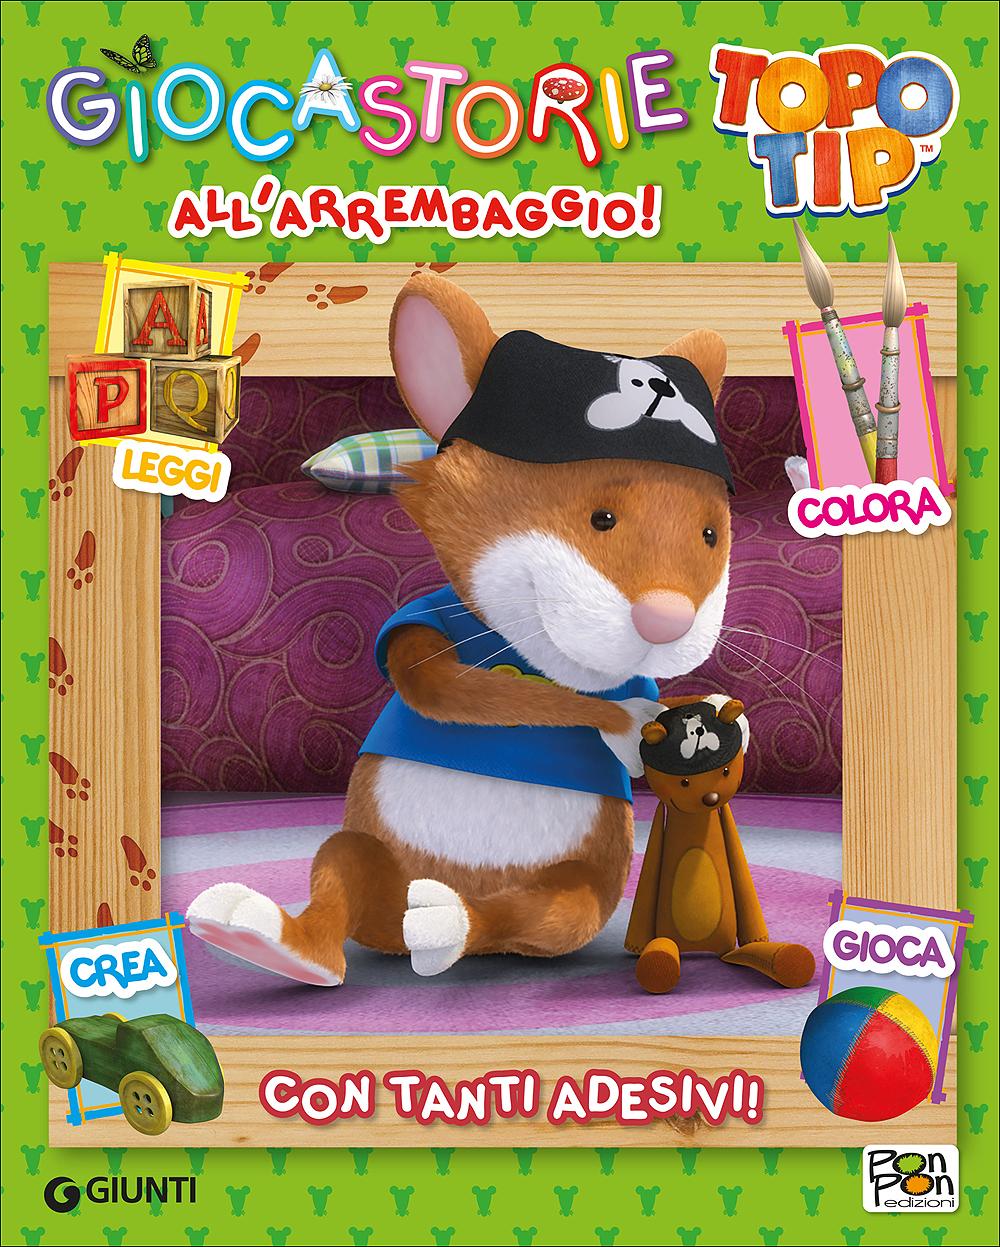 Giocastorie Topo Tip - All'arrembaggio!